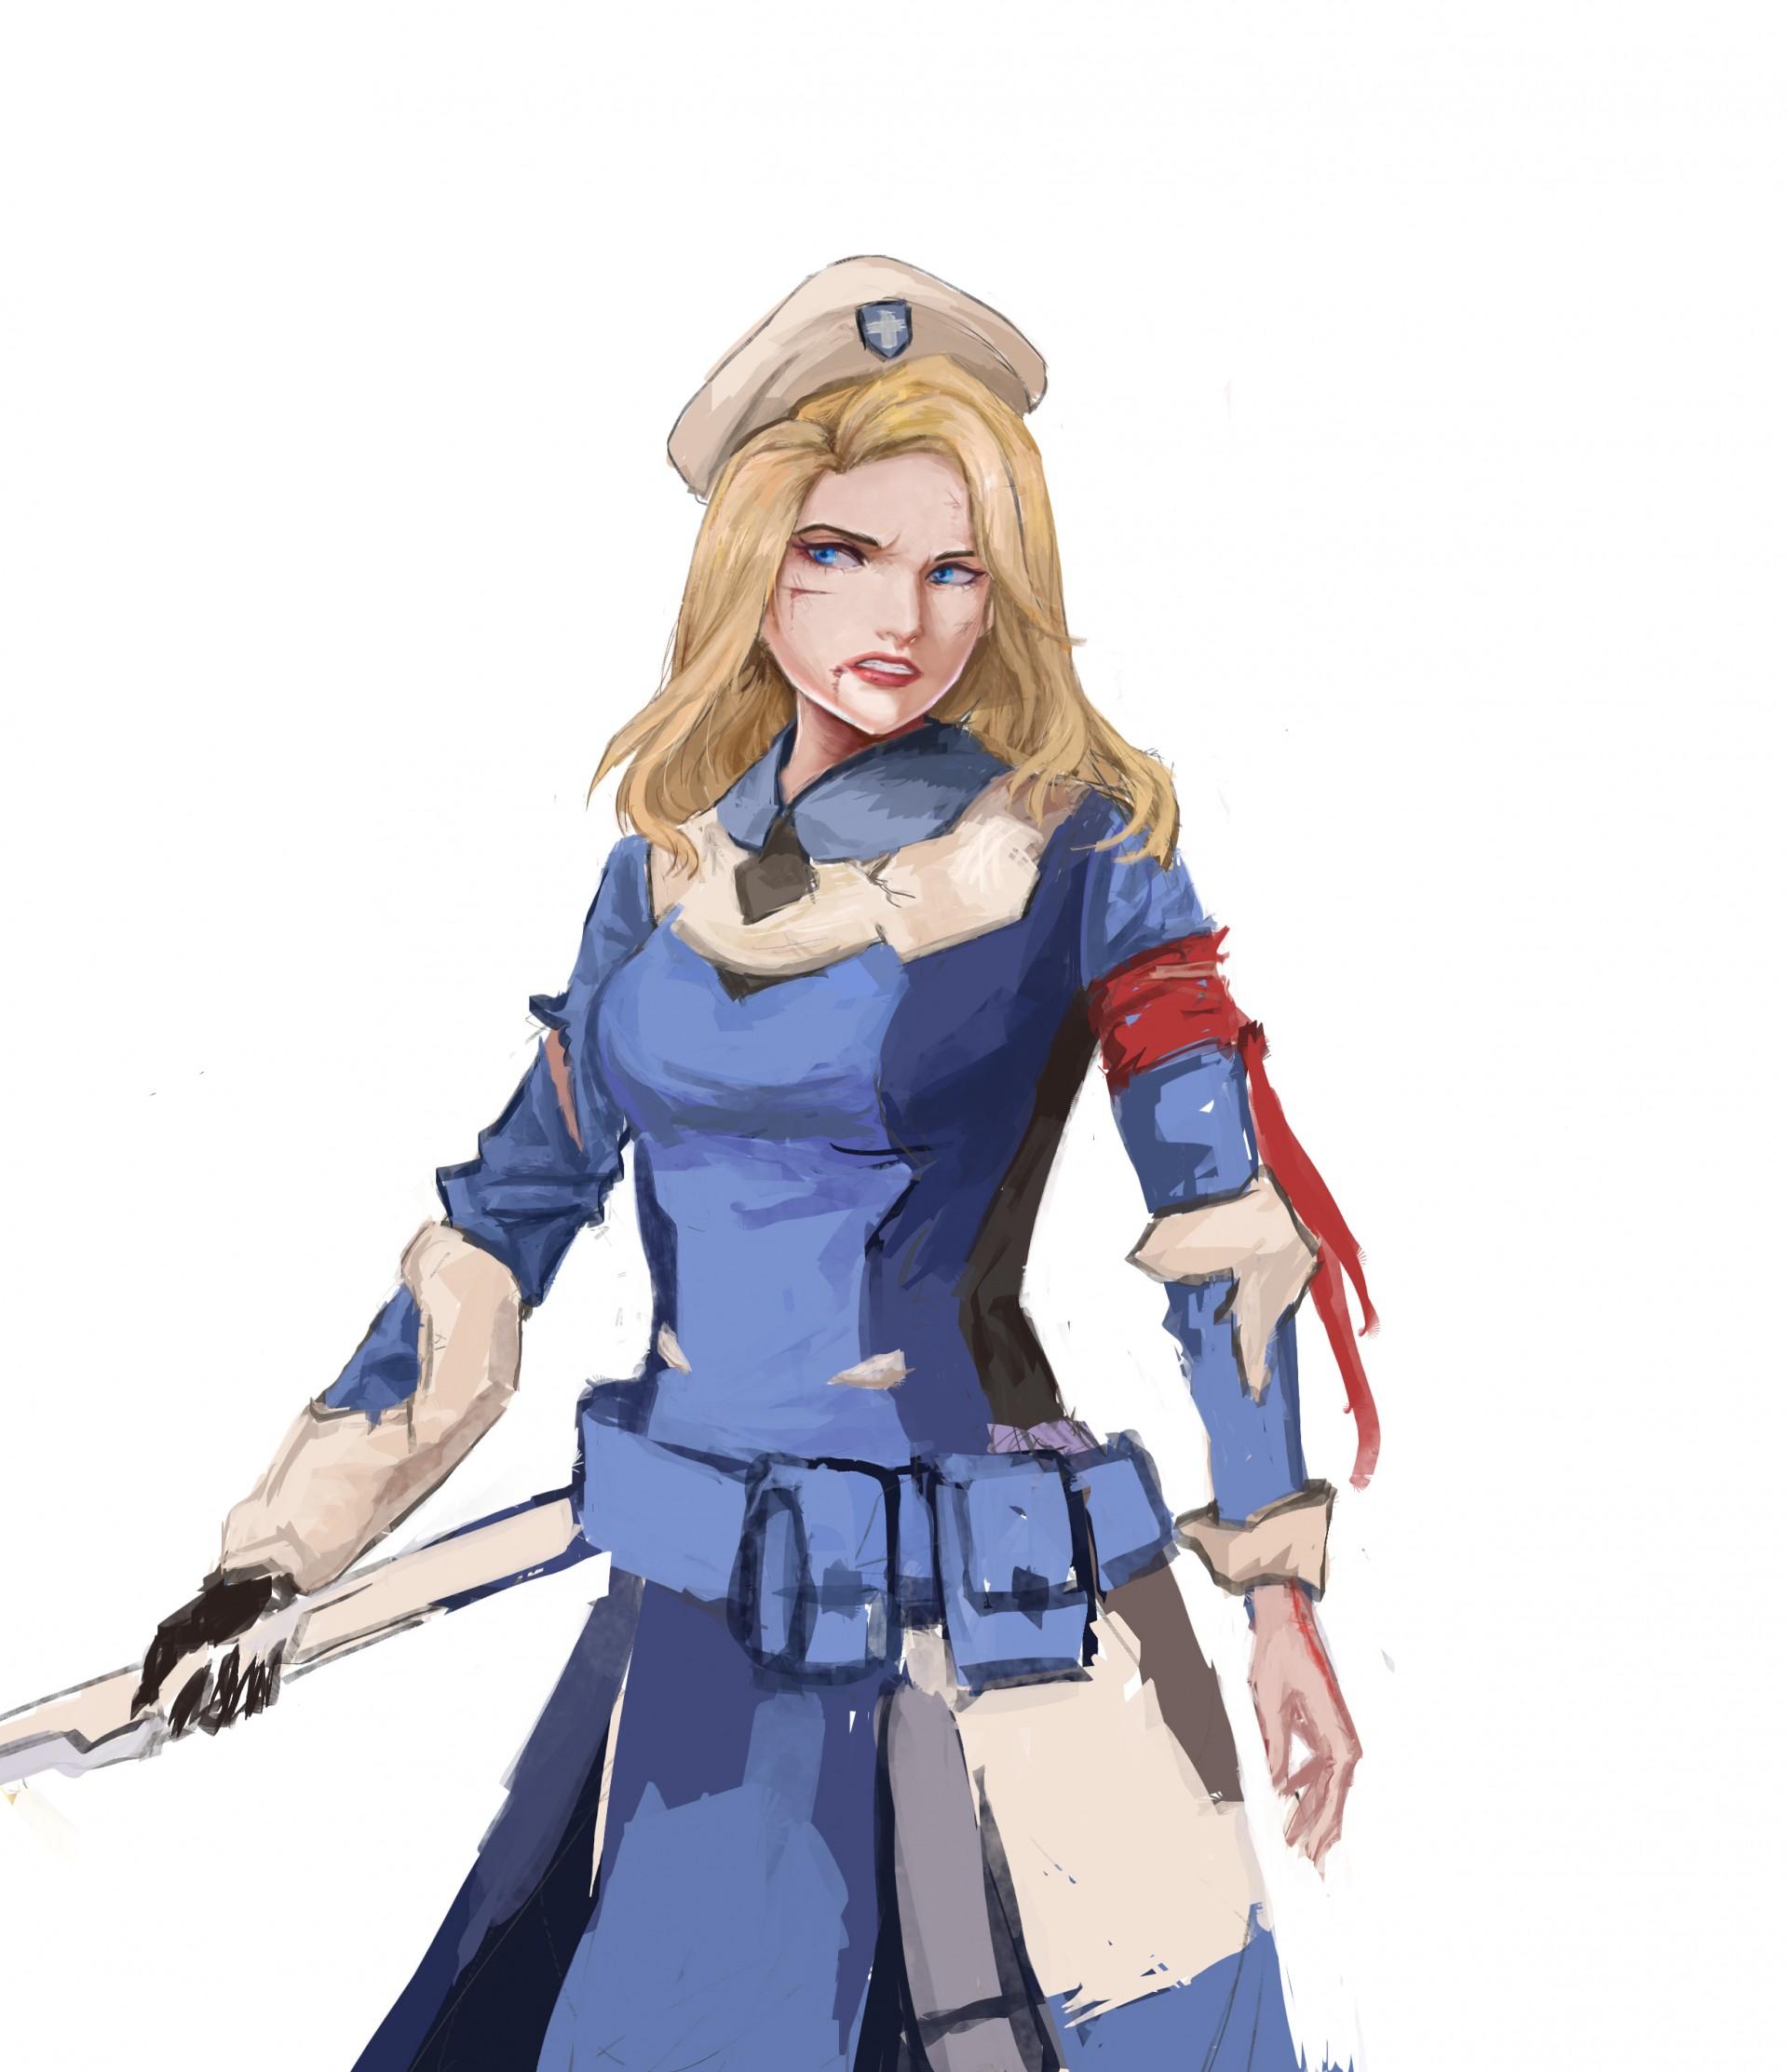 Combat medic ziegler cosplay